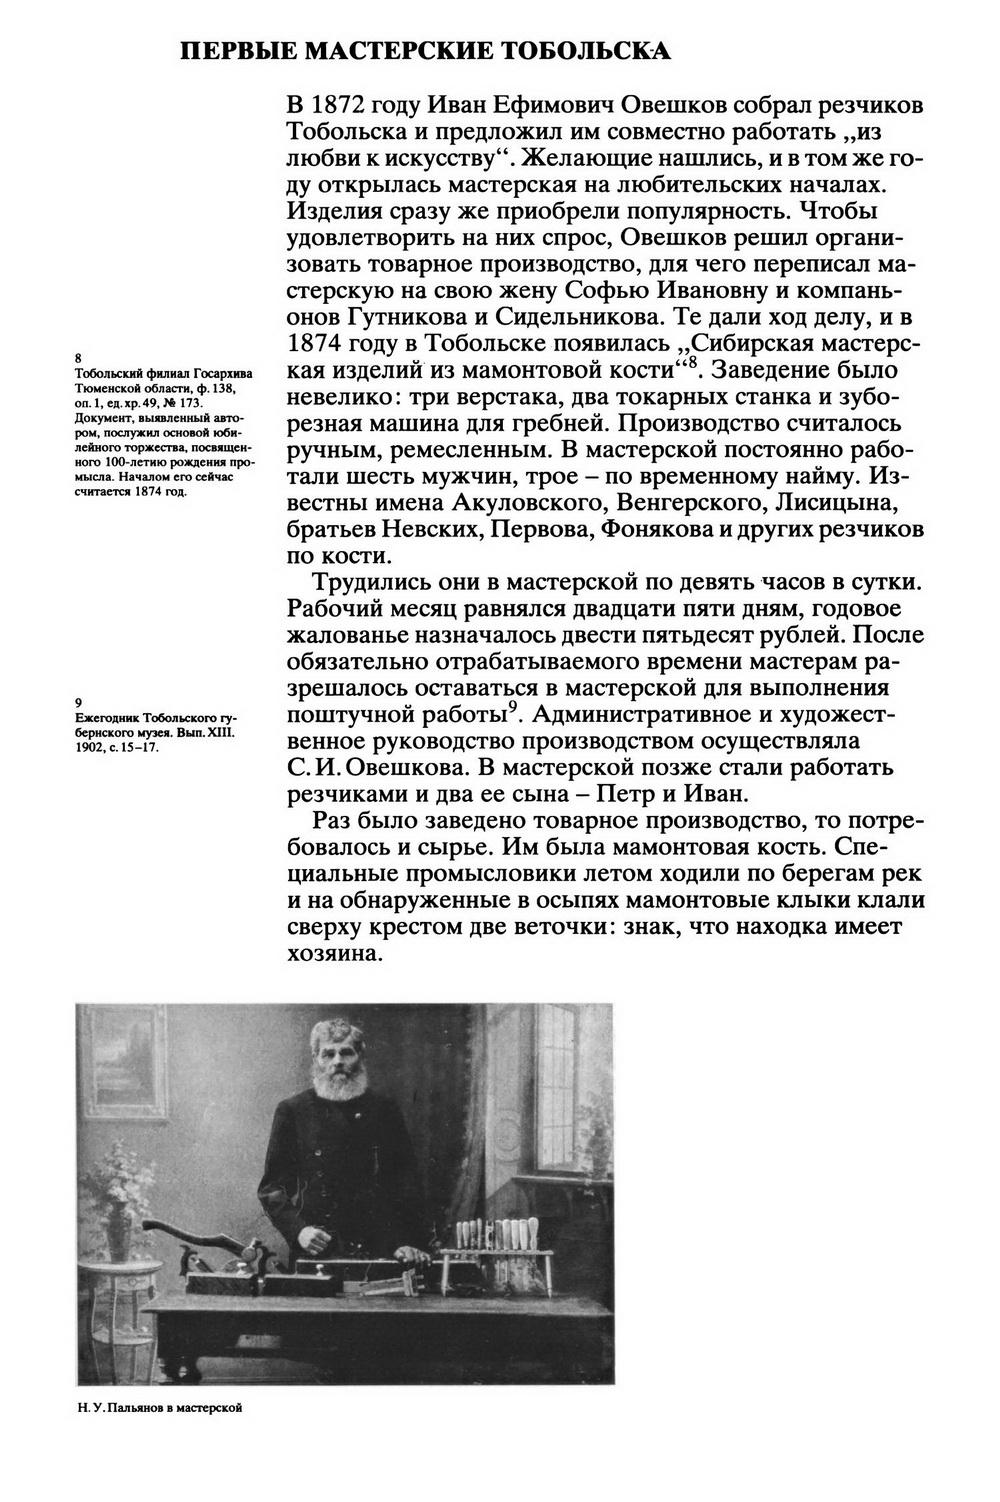 http://i4.imageban.ru/out/2017/02/27/73f3c05809343db35bdb22b878e506a3.jpg